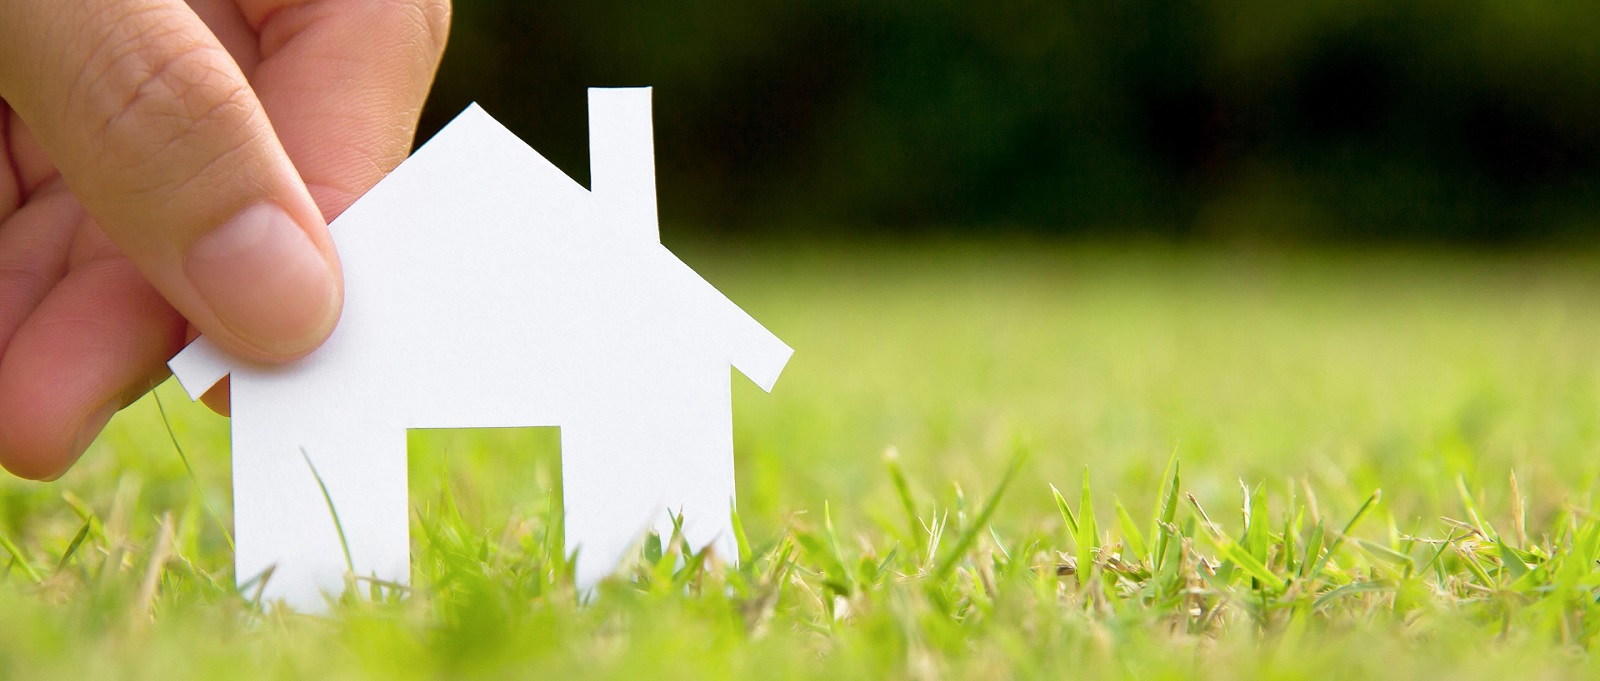 Casa ideale agenzia immobiliare casa ideale for Ammobiliare casa